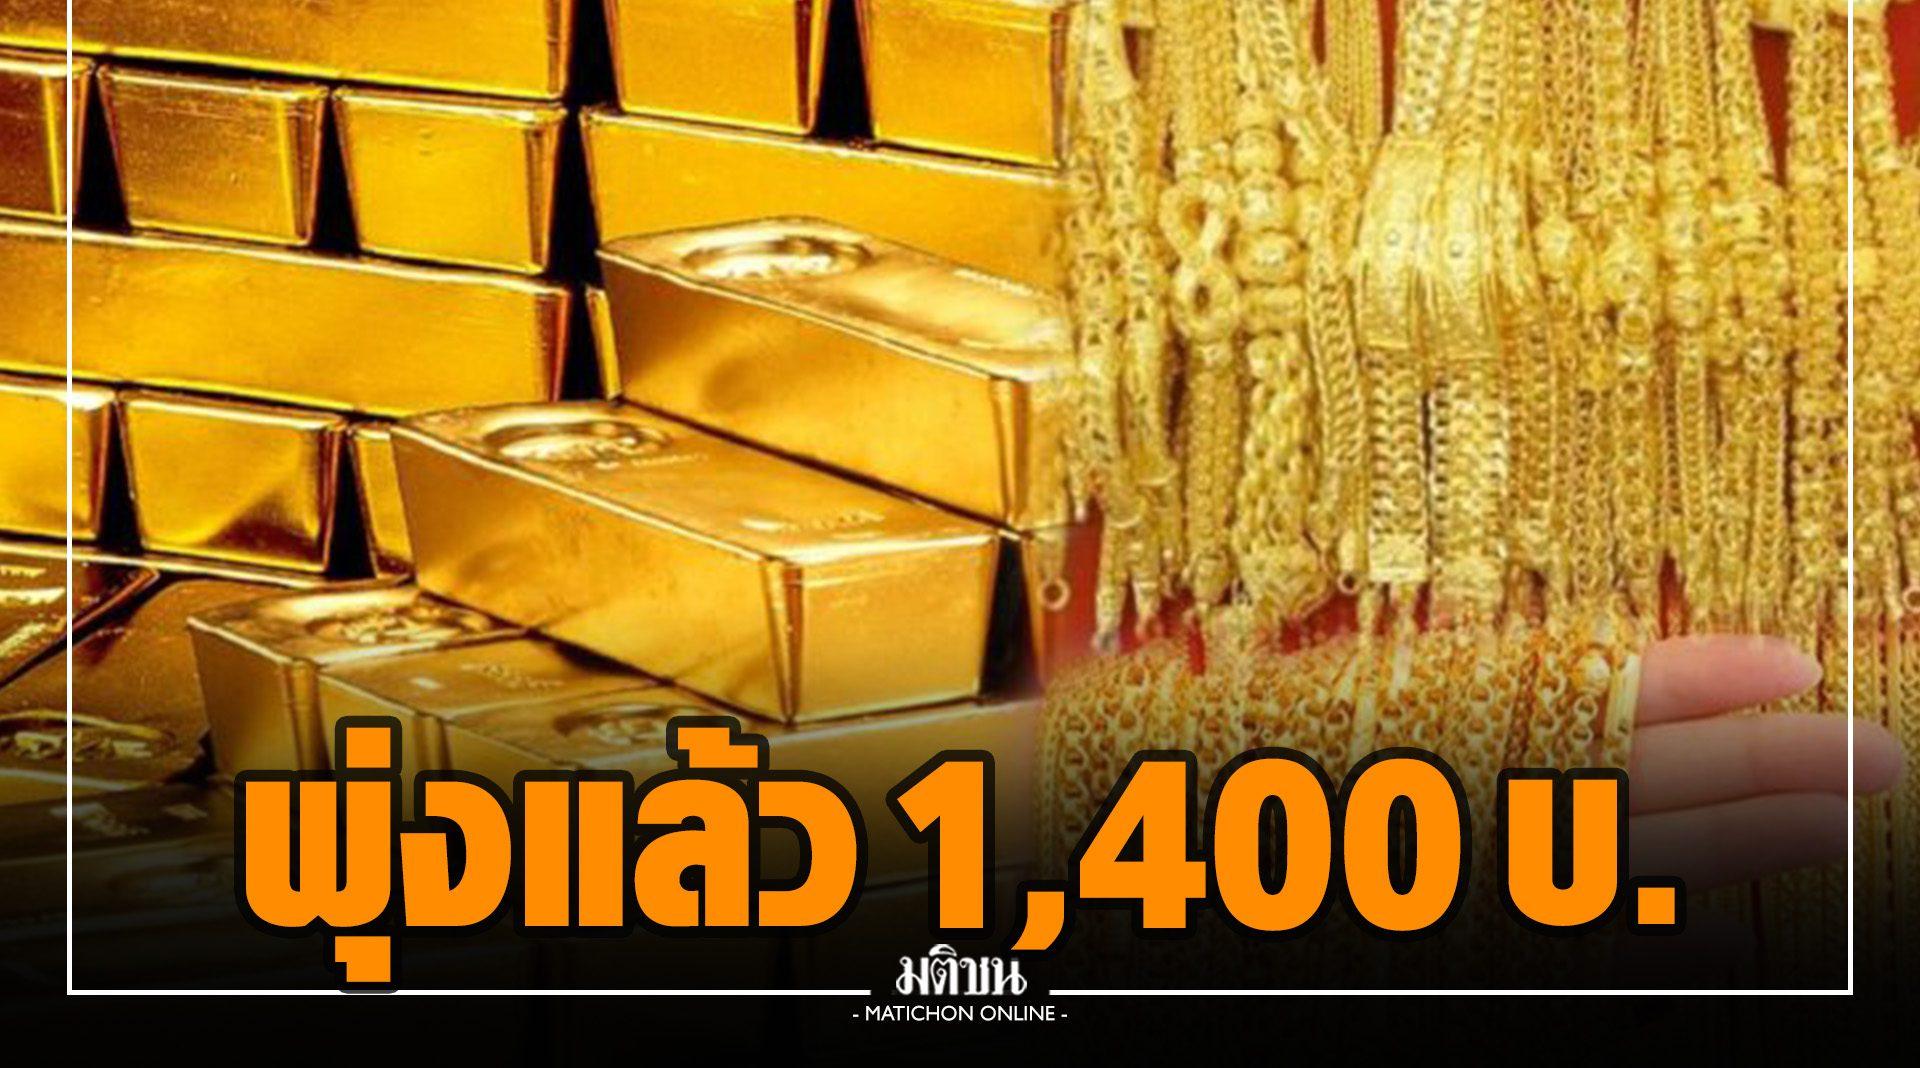 ทองร้อนแรง เม.ย. พุ่งแล้ว 1,400 บาท